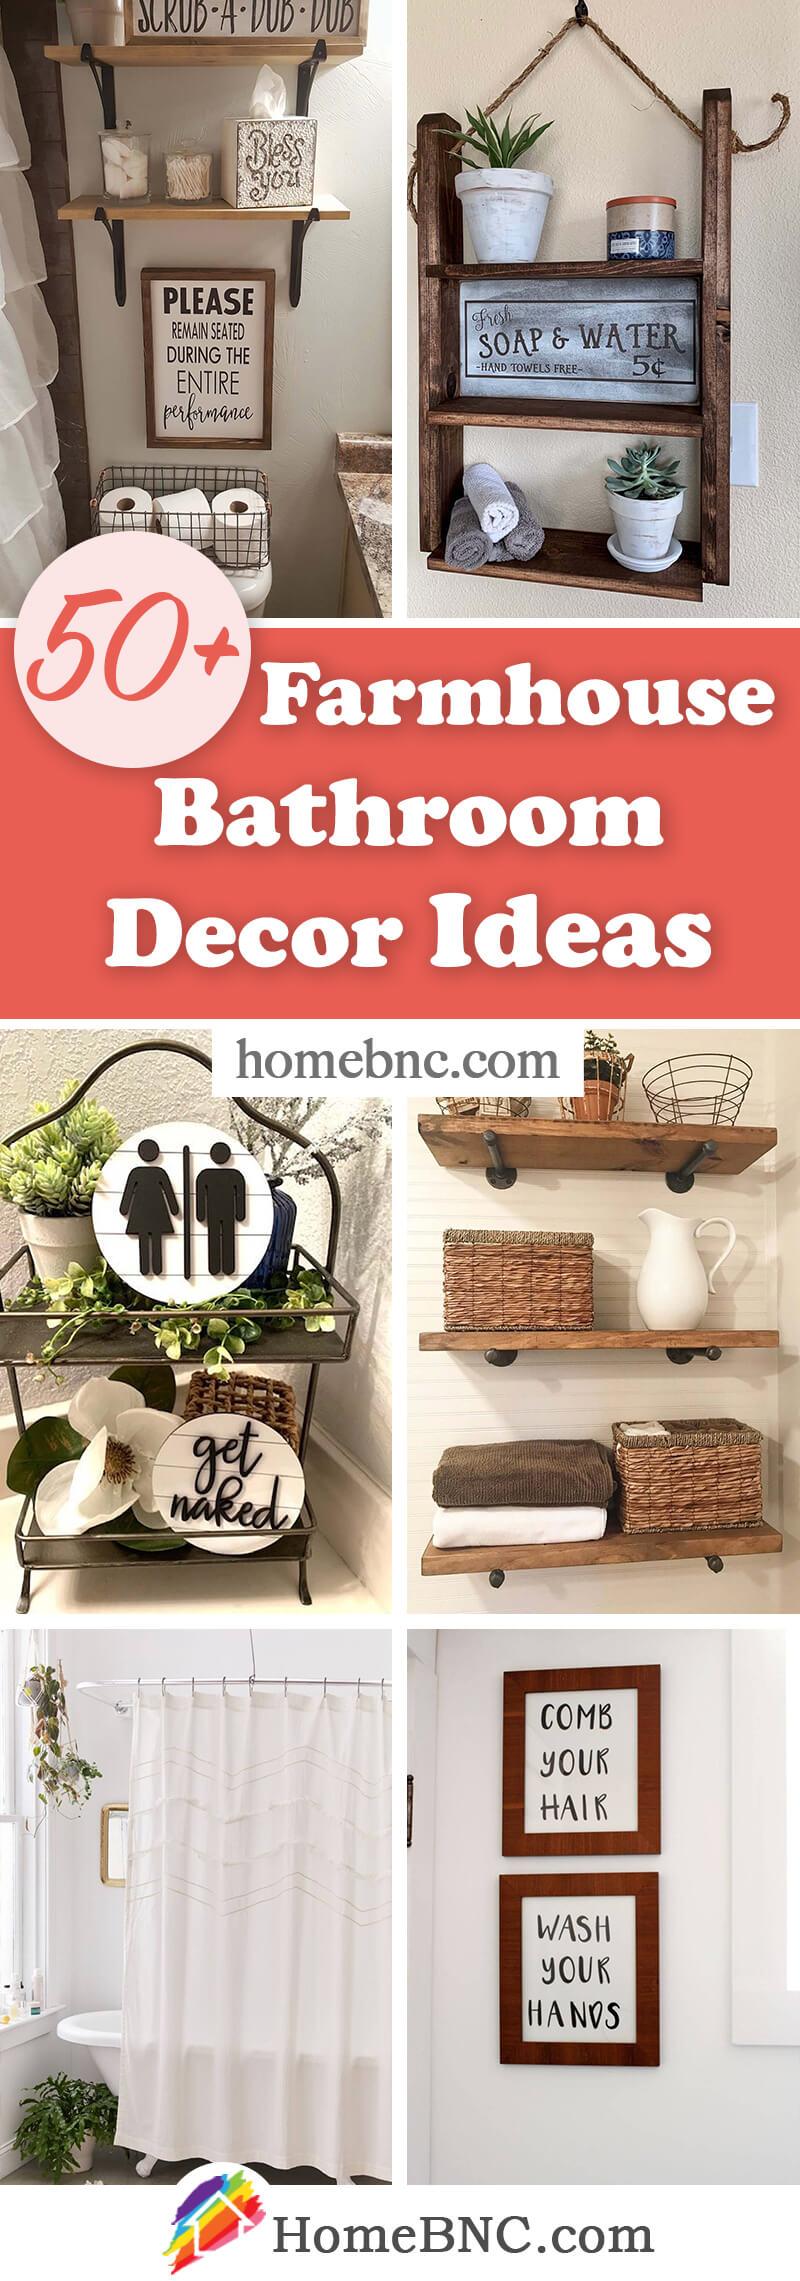 Farmhouse Bathroom Decorations